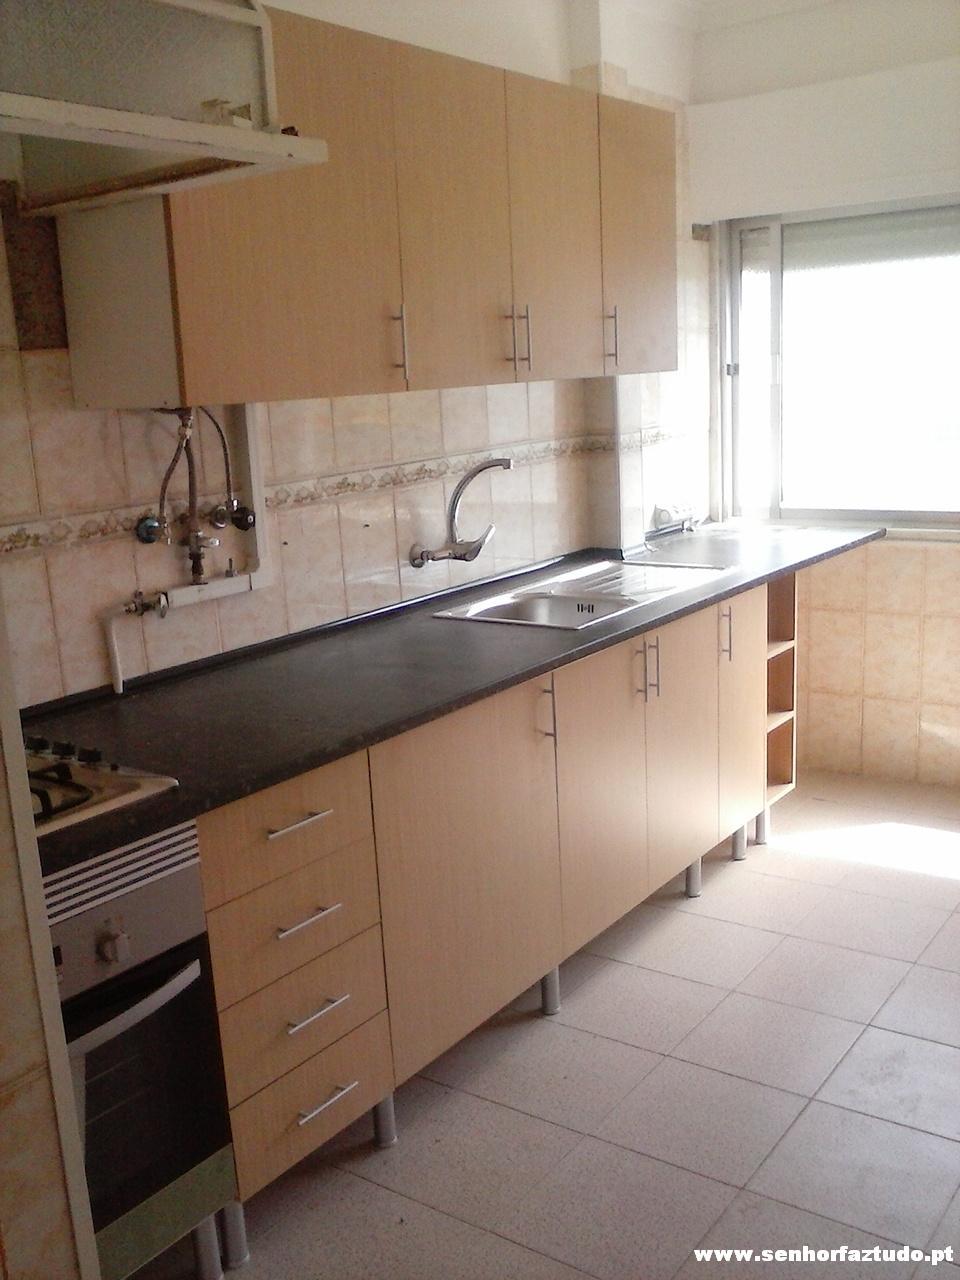 Portas armarios cozinha leroy merlin id ias - Interiores de armarios leroy merlin ...